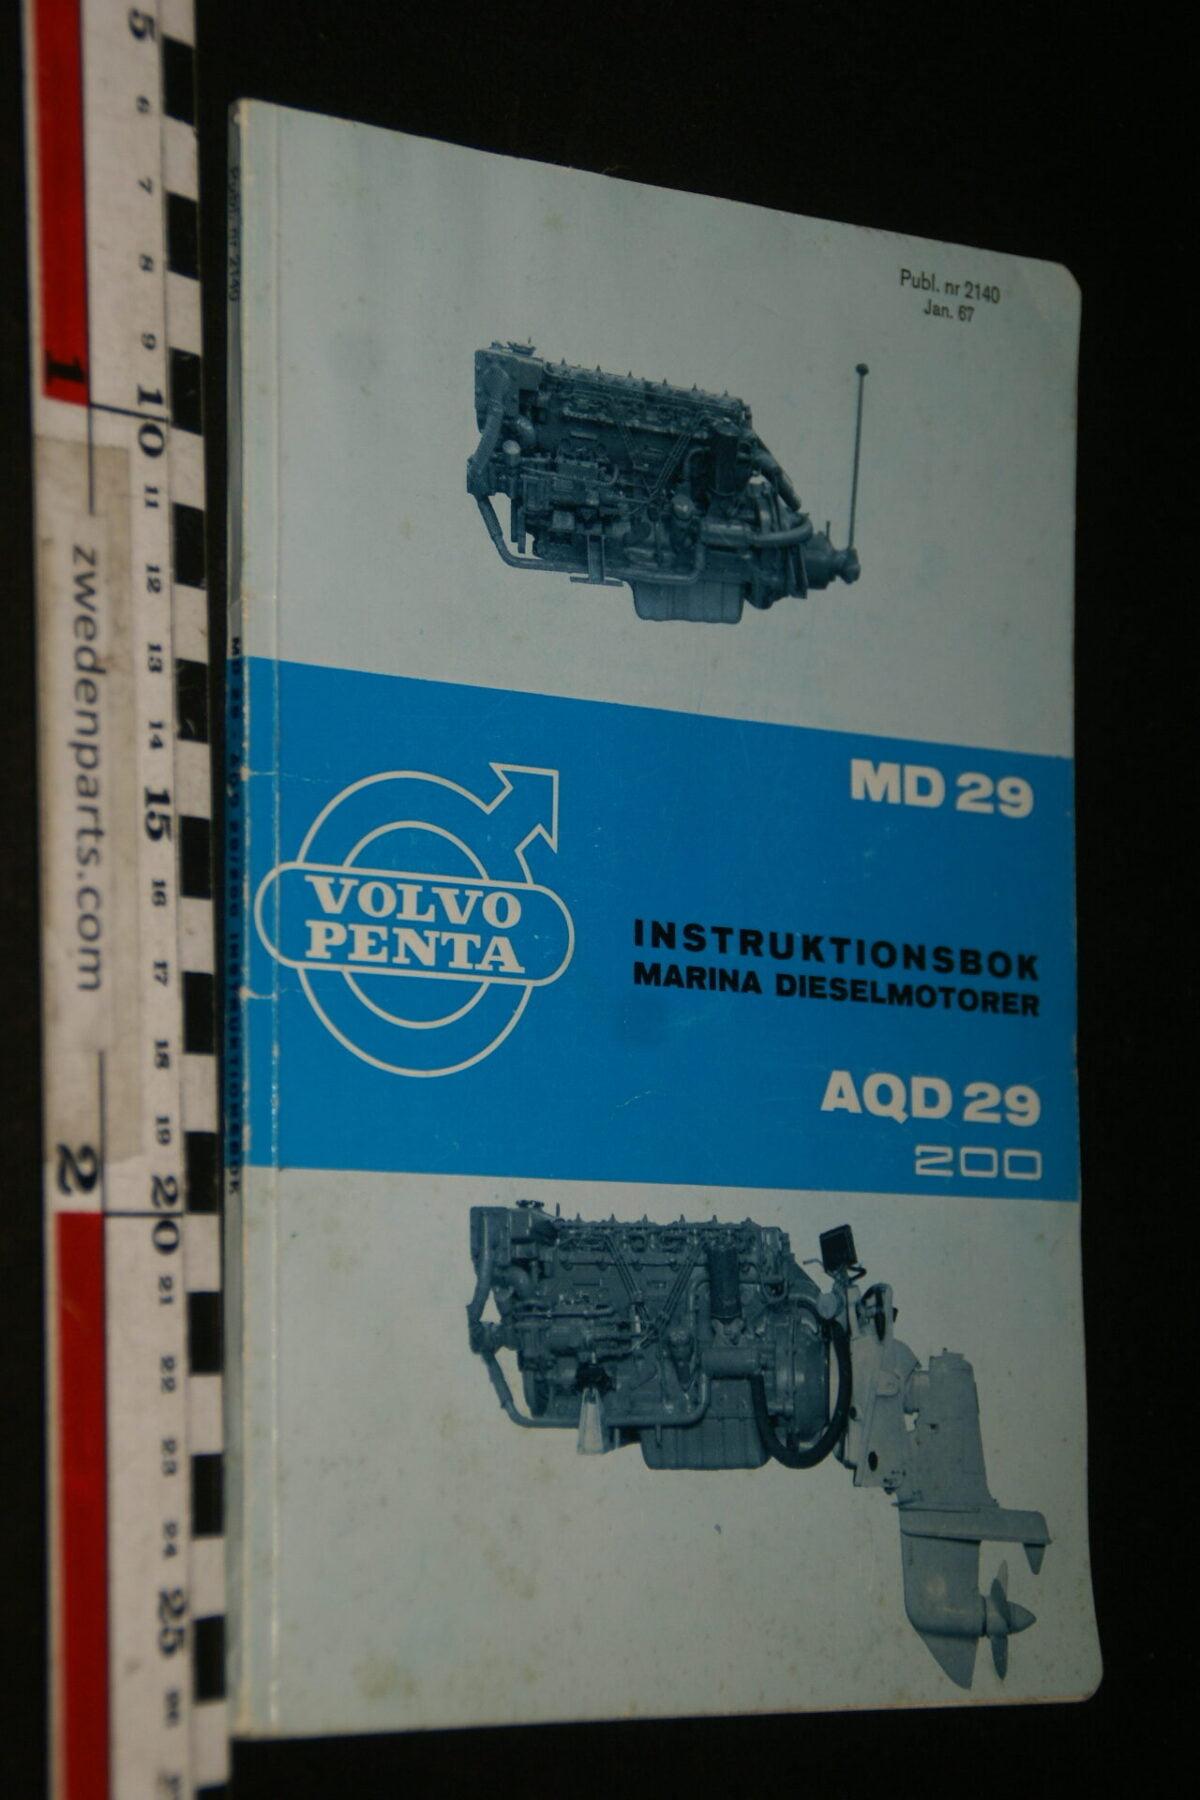 DSC06178 1967 origineel instructieboek Volvo Penta MD29 AQD29 200, nr 2140, Svenska-263aee60